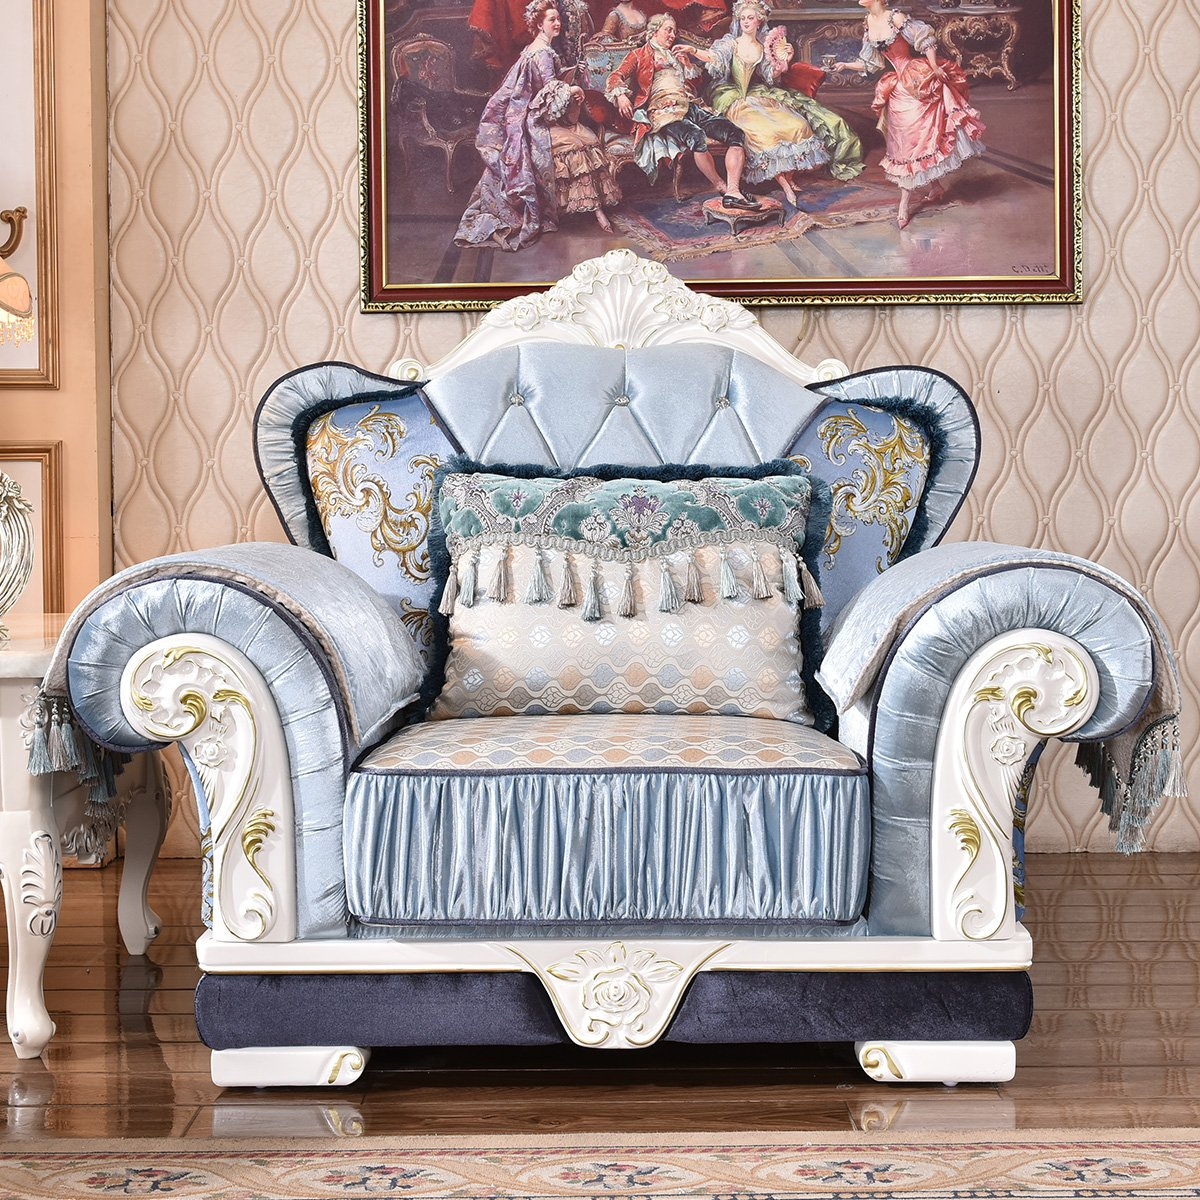 欧式沙发 客厅雕花实木沙发 布艺沙发1 2 4组合 欧式家具